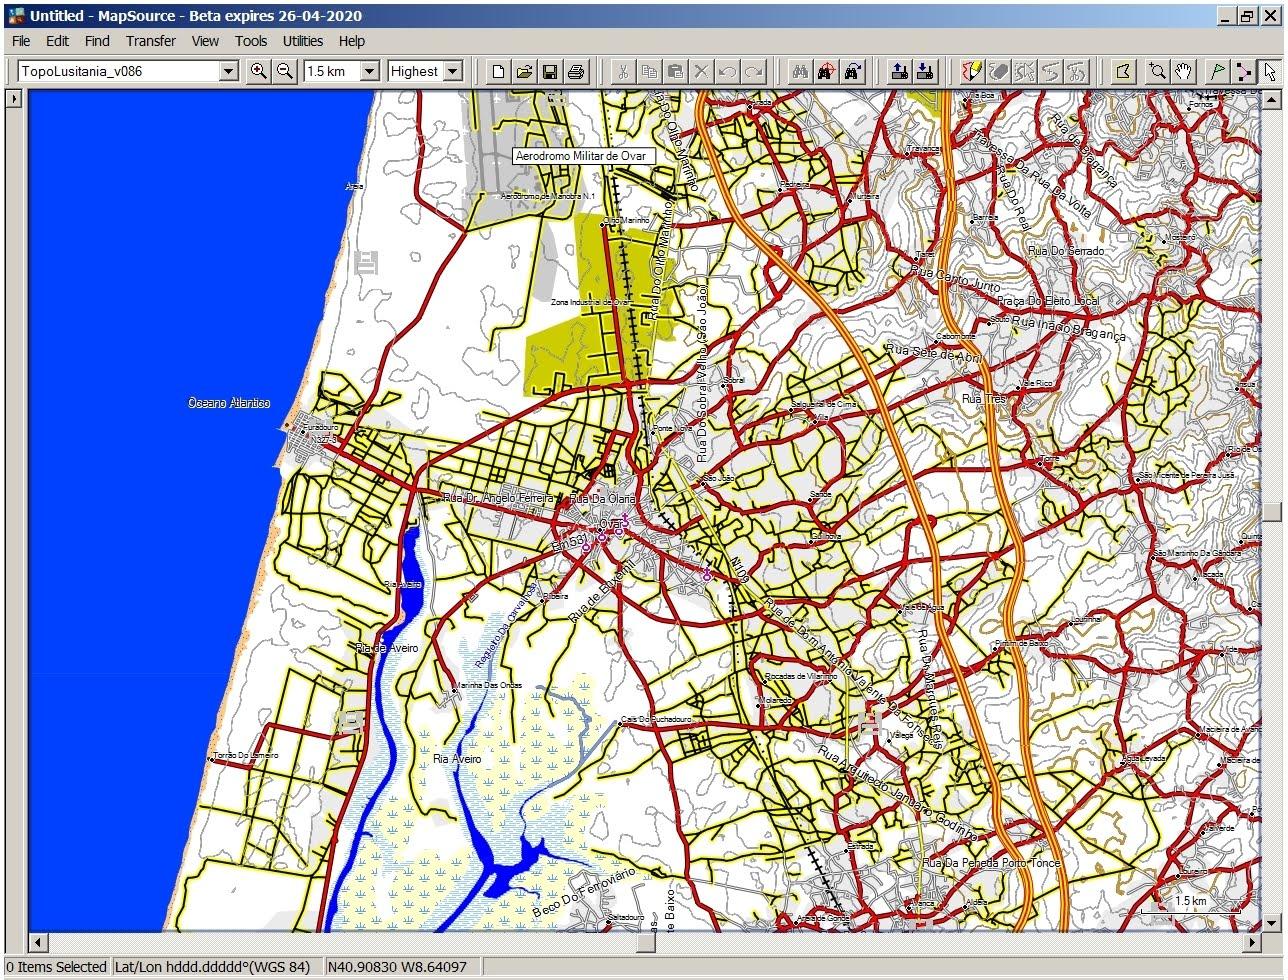 garmin mapa portugal TopoLusitania   Mapa Topográfico de Portugal para GPS em formato  garmin mapa portugal